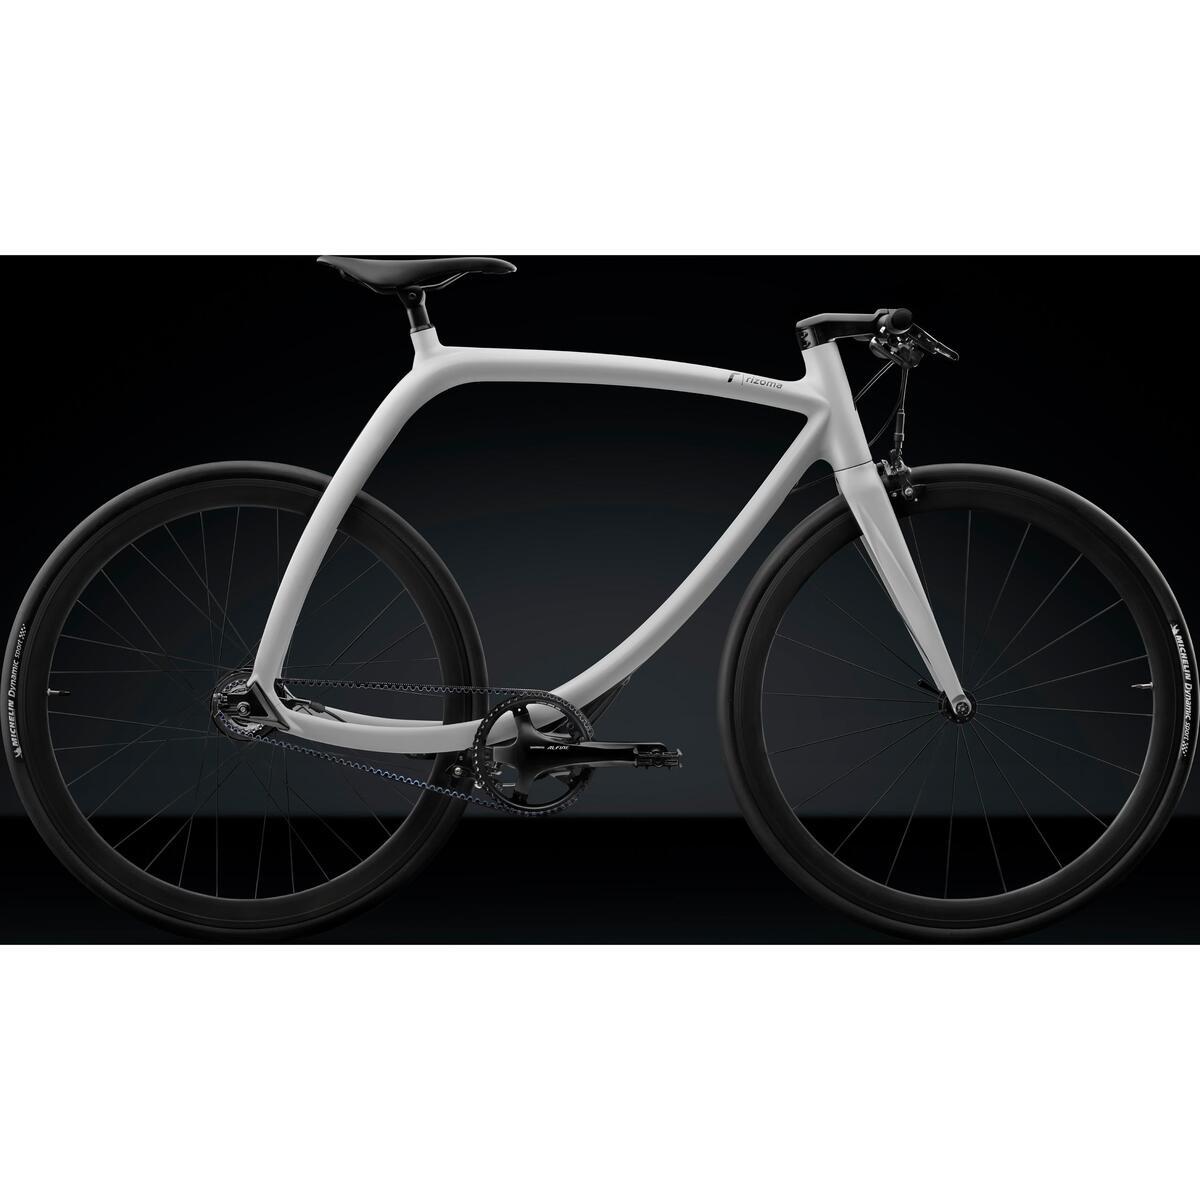 Bild 3 von Rizoma Metropolitan Bike RS77 weiß